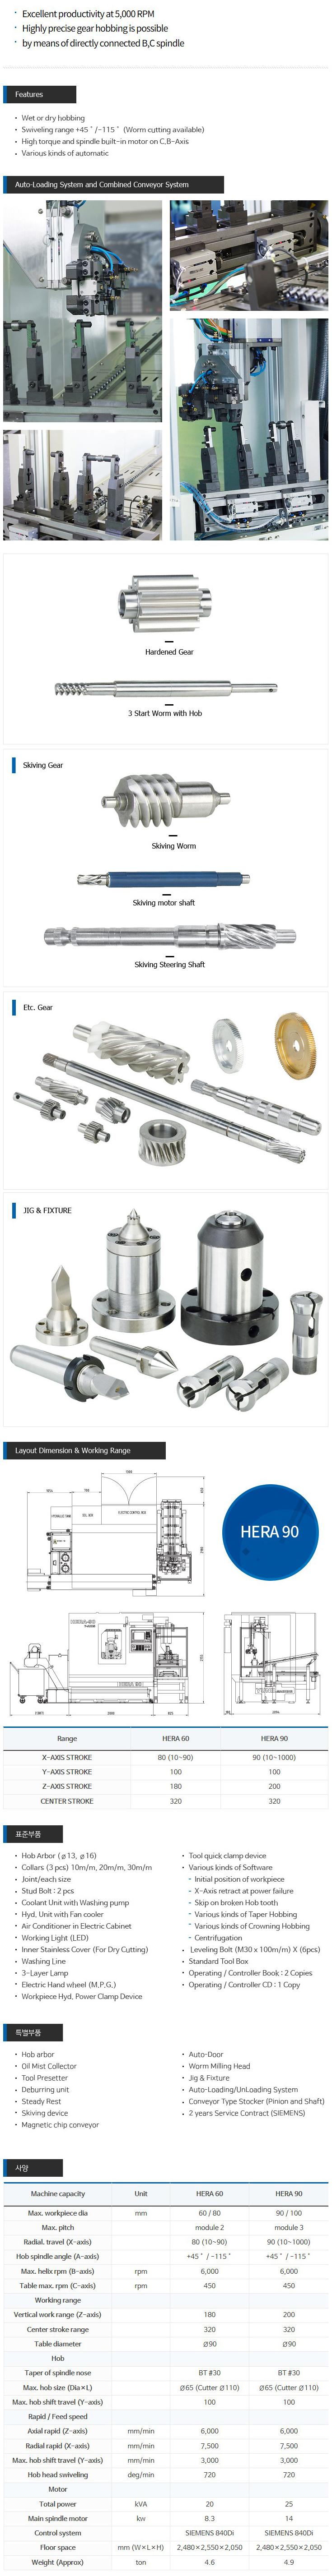 YUNIL MACHINE CNC Gear Hobbing Machine HERA 90